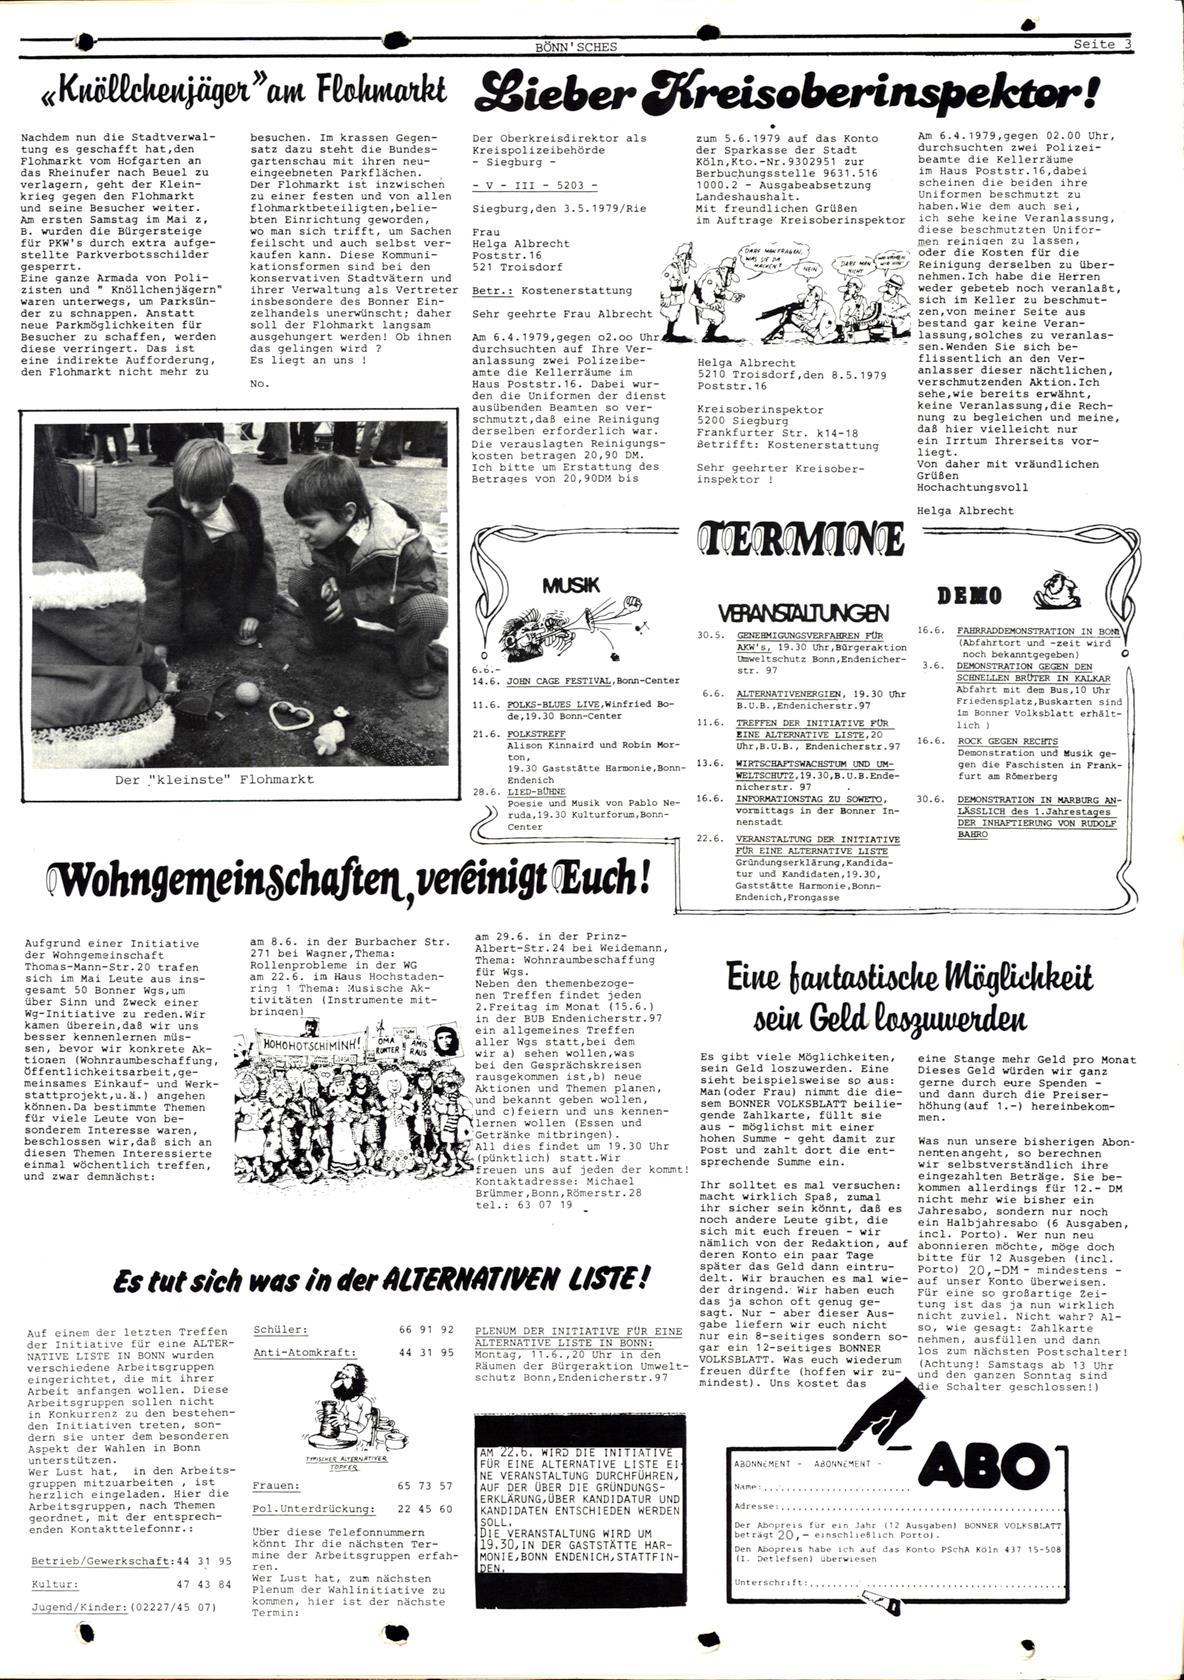 Bonner_Volksblatt_25_19790530_03